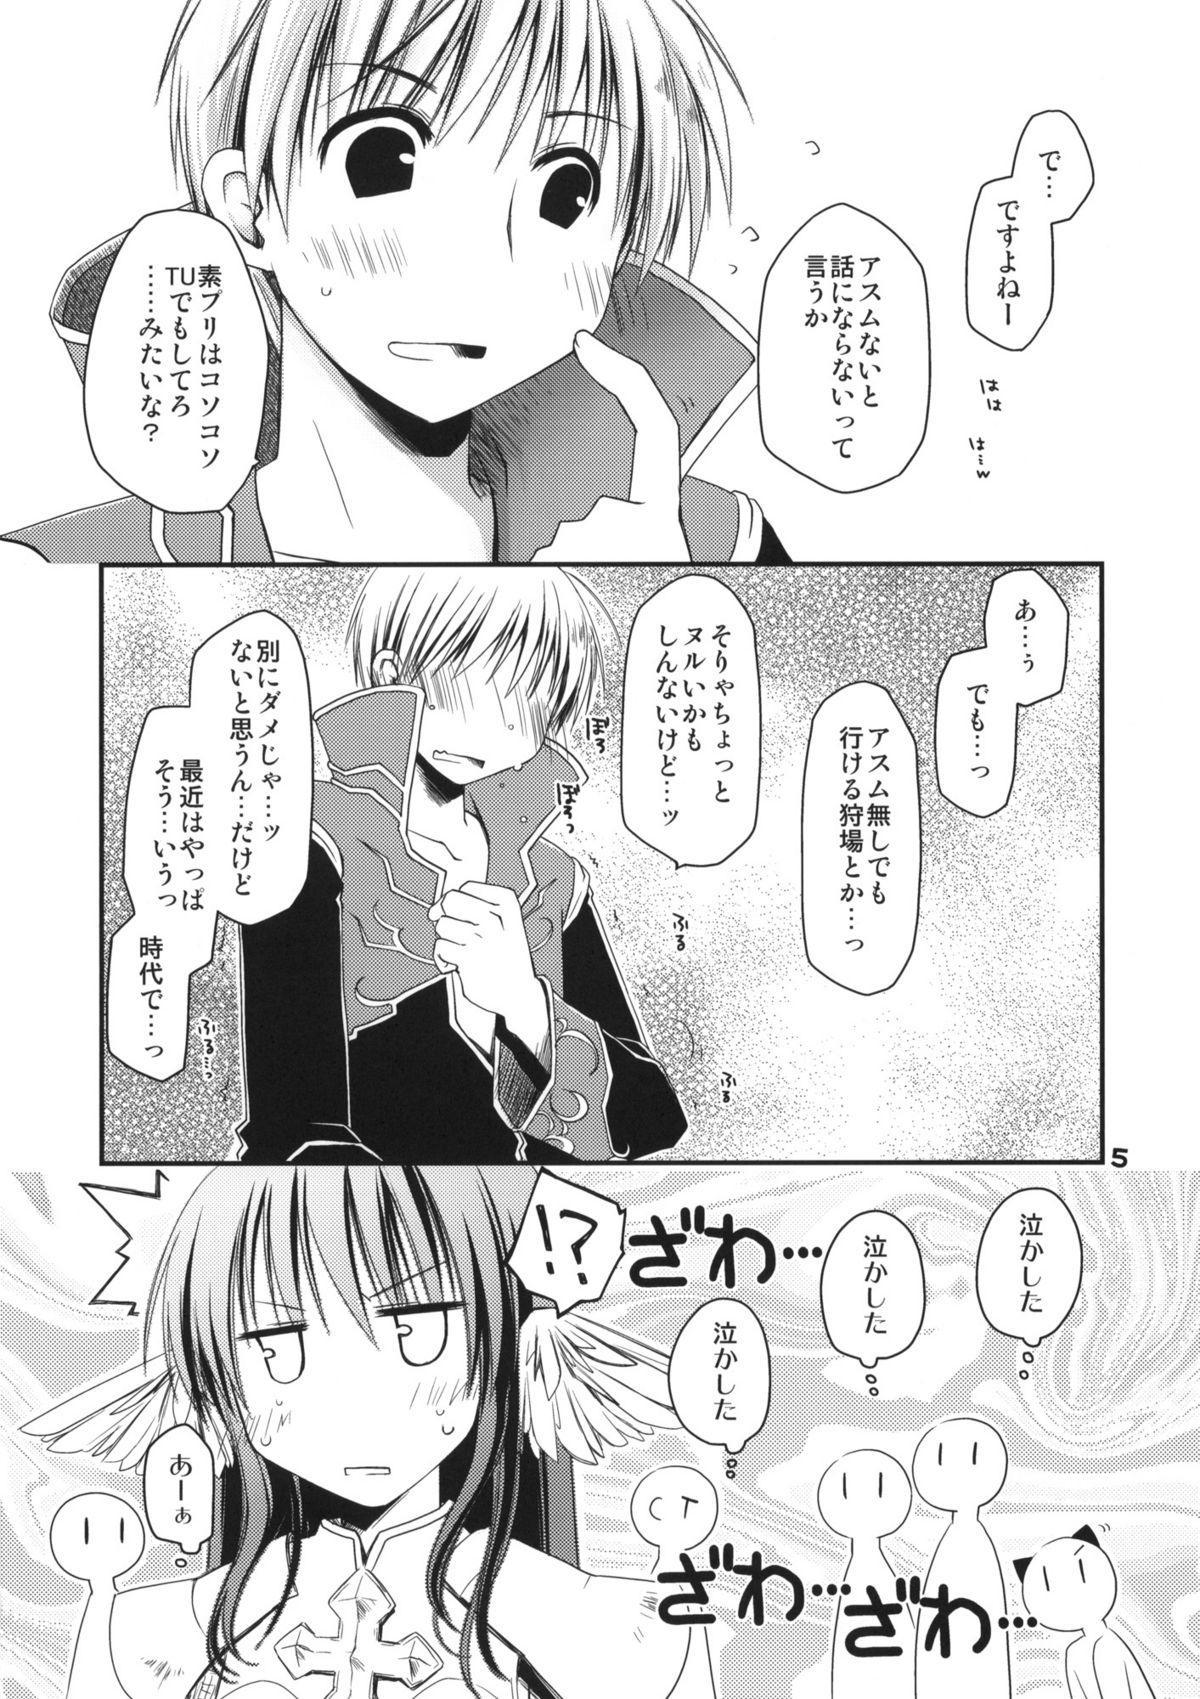 Chotto Hito Kari Ikimasuka 3